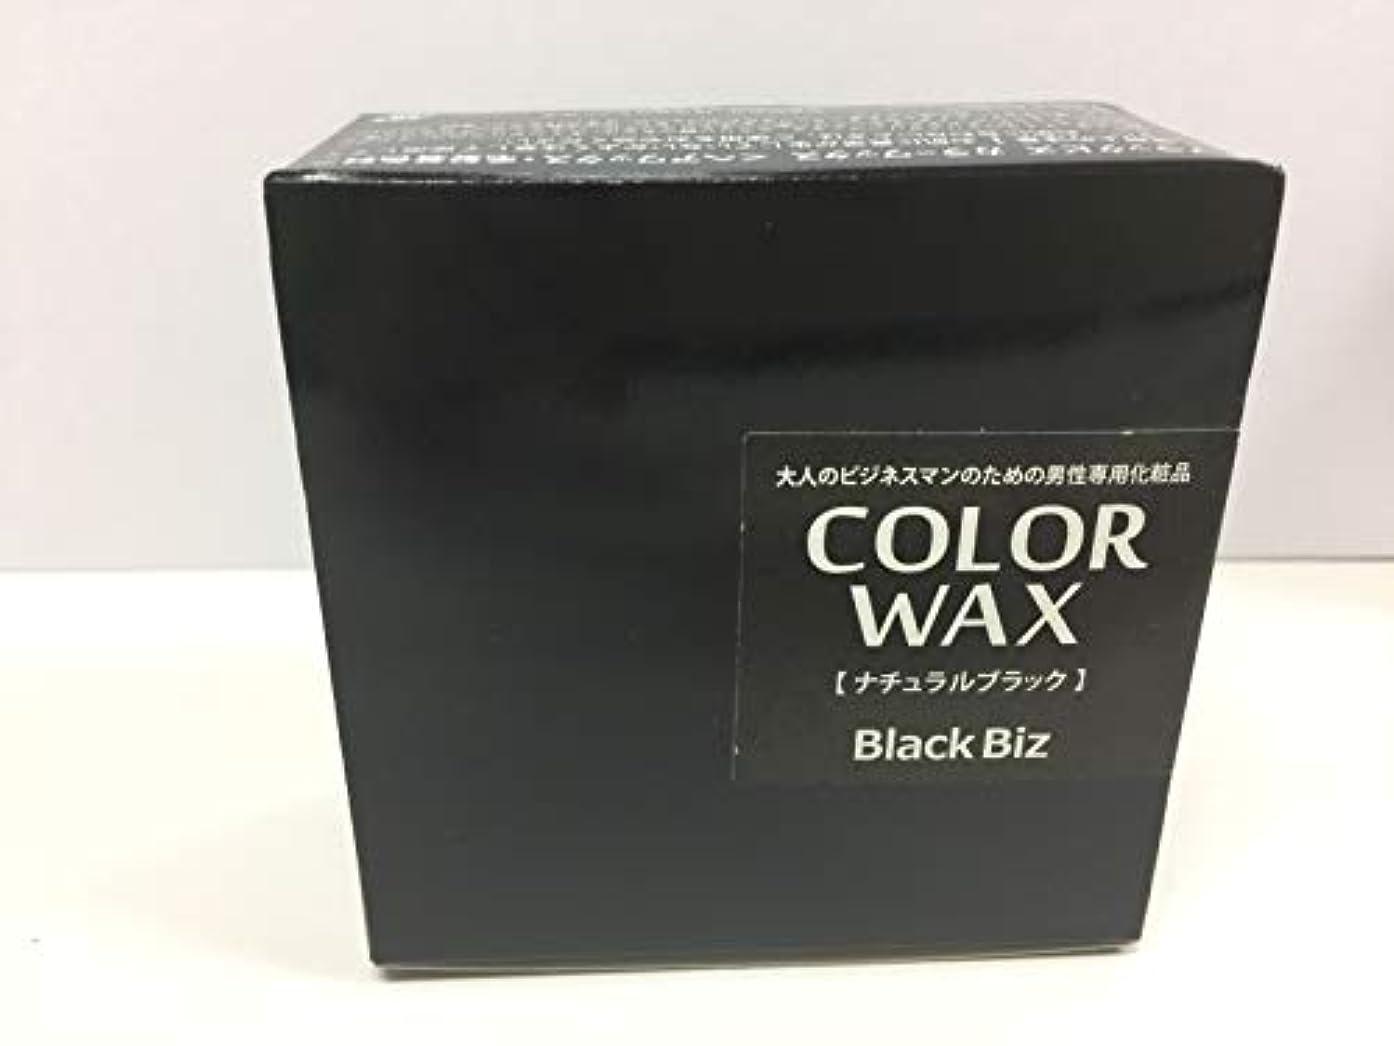 キュービック最初はブランチ大人のビジネスマンのための男性専用化粧品 BlackBiz COLOR WAX ブラックビズ カラーワックス 【ナチュラルブラック】